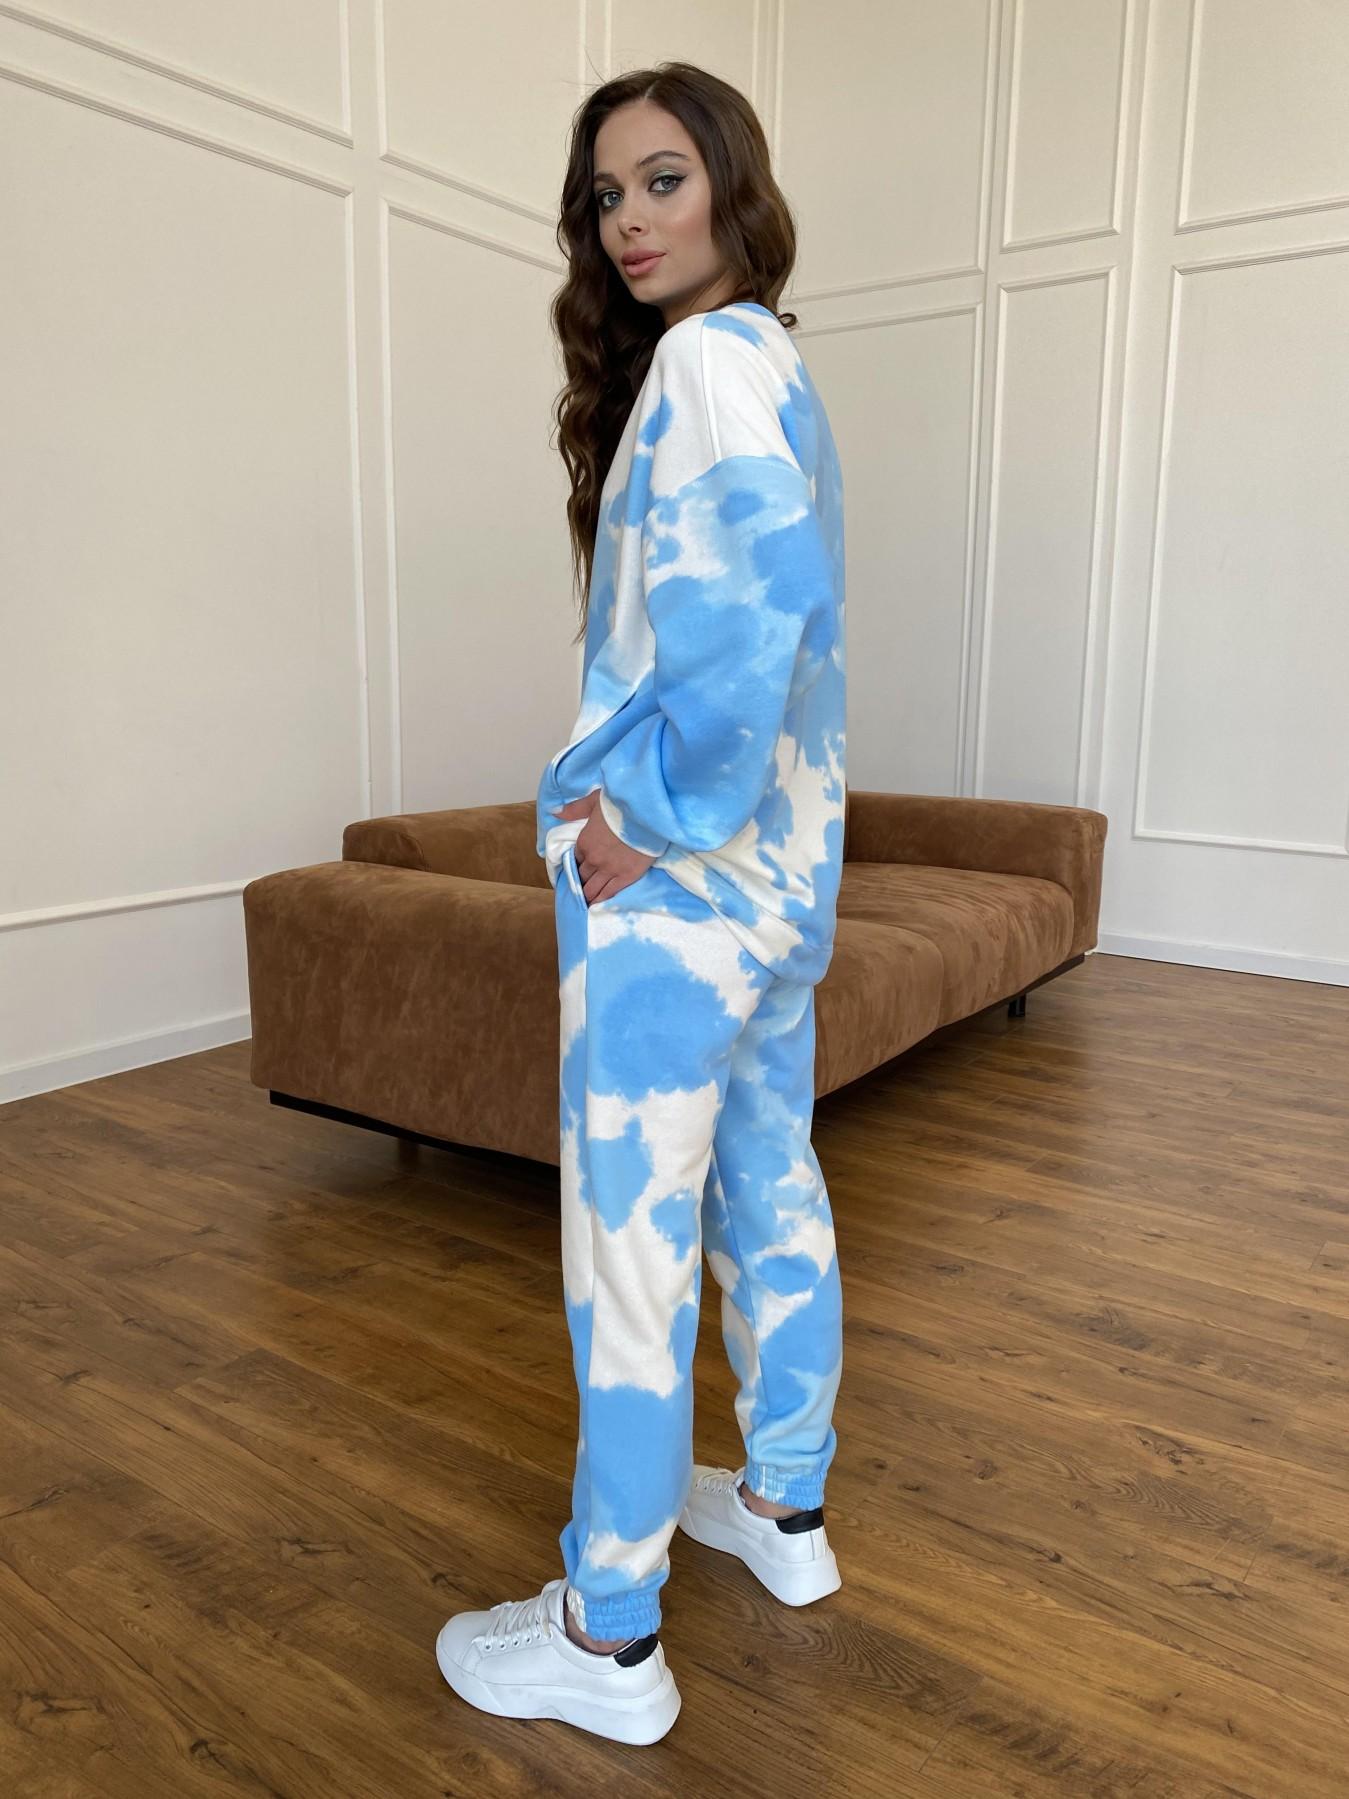 Скай костюм c принтом из 3х нитки 11248 АРТ. 47769 Цвет: Молоко/голубойТайДай - фото 8, интернет магазин tm-modus.ru